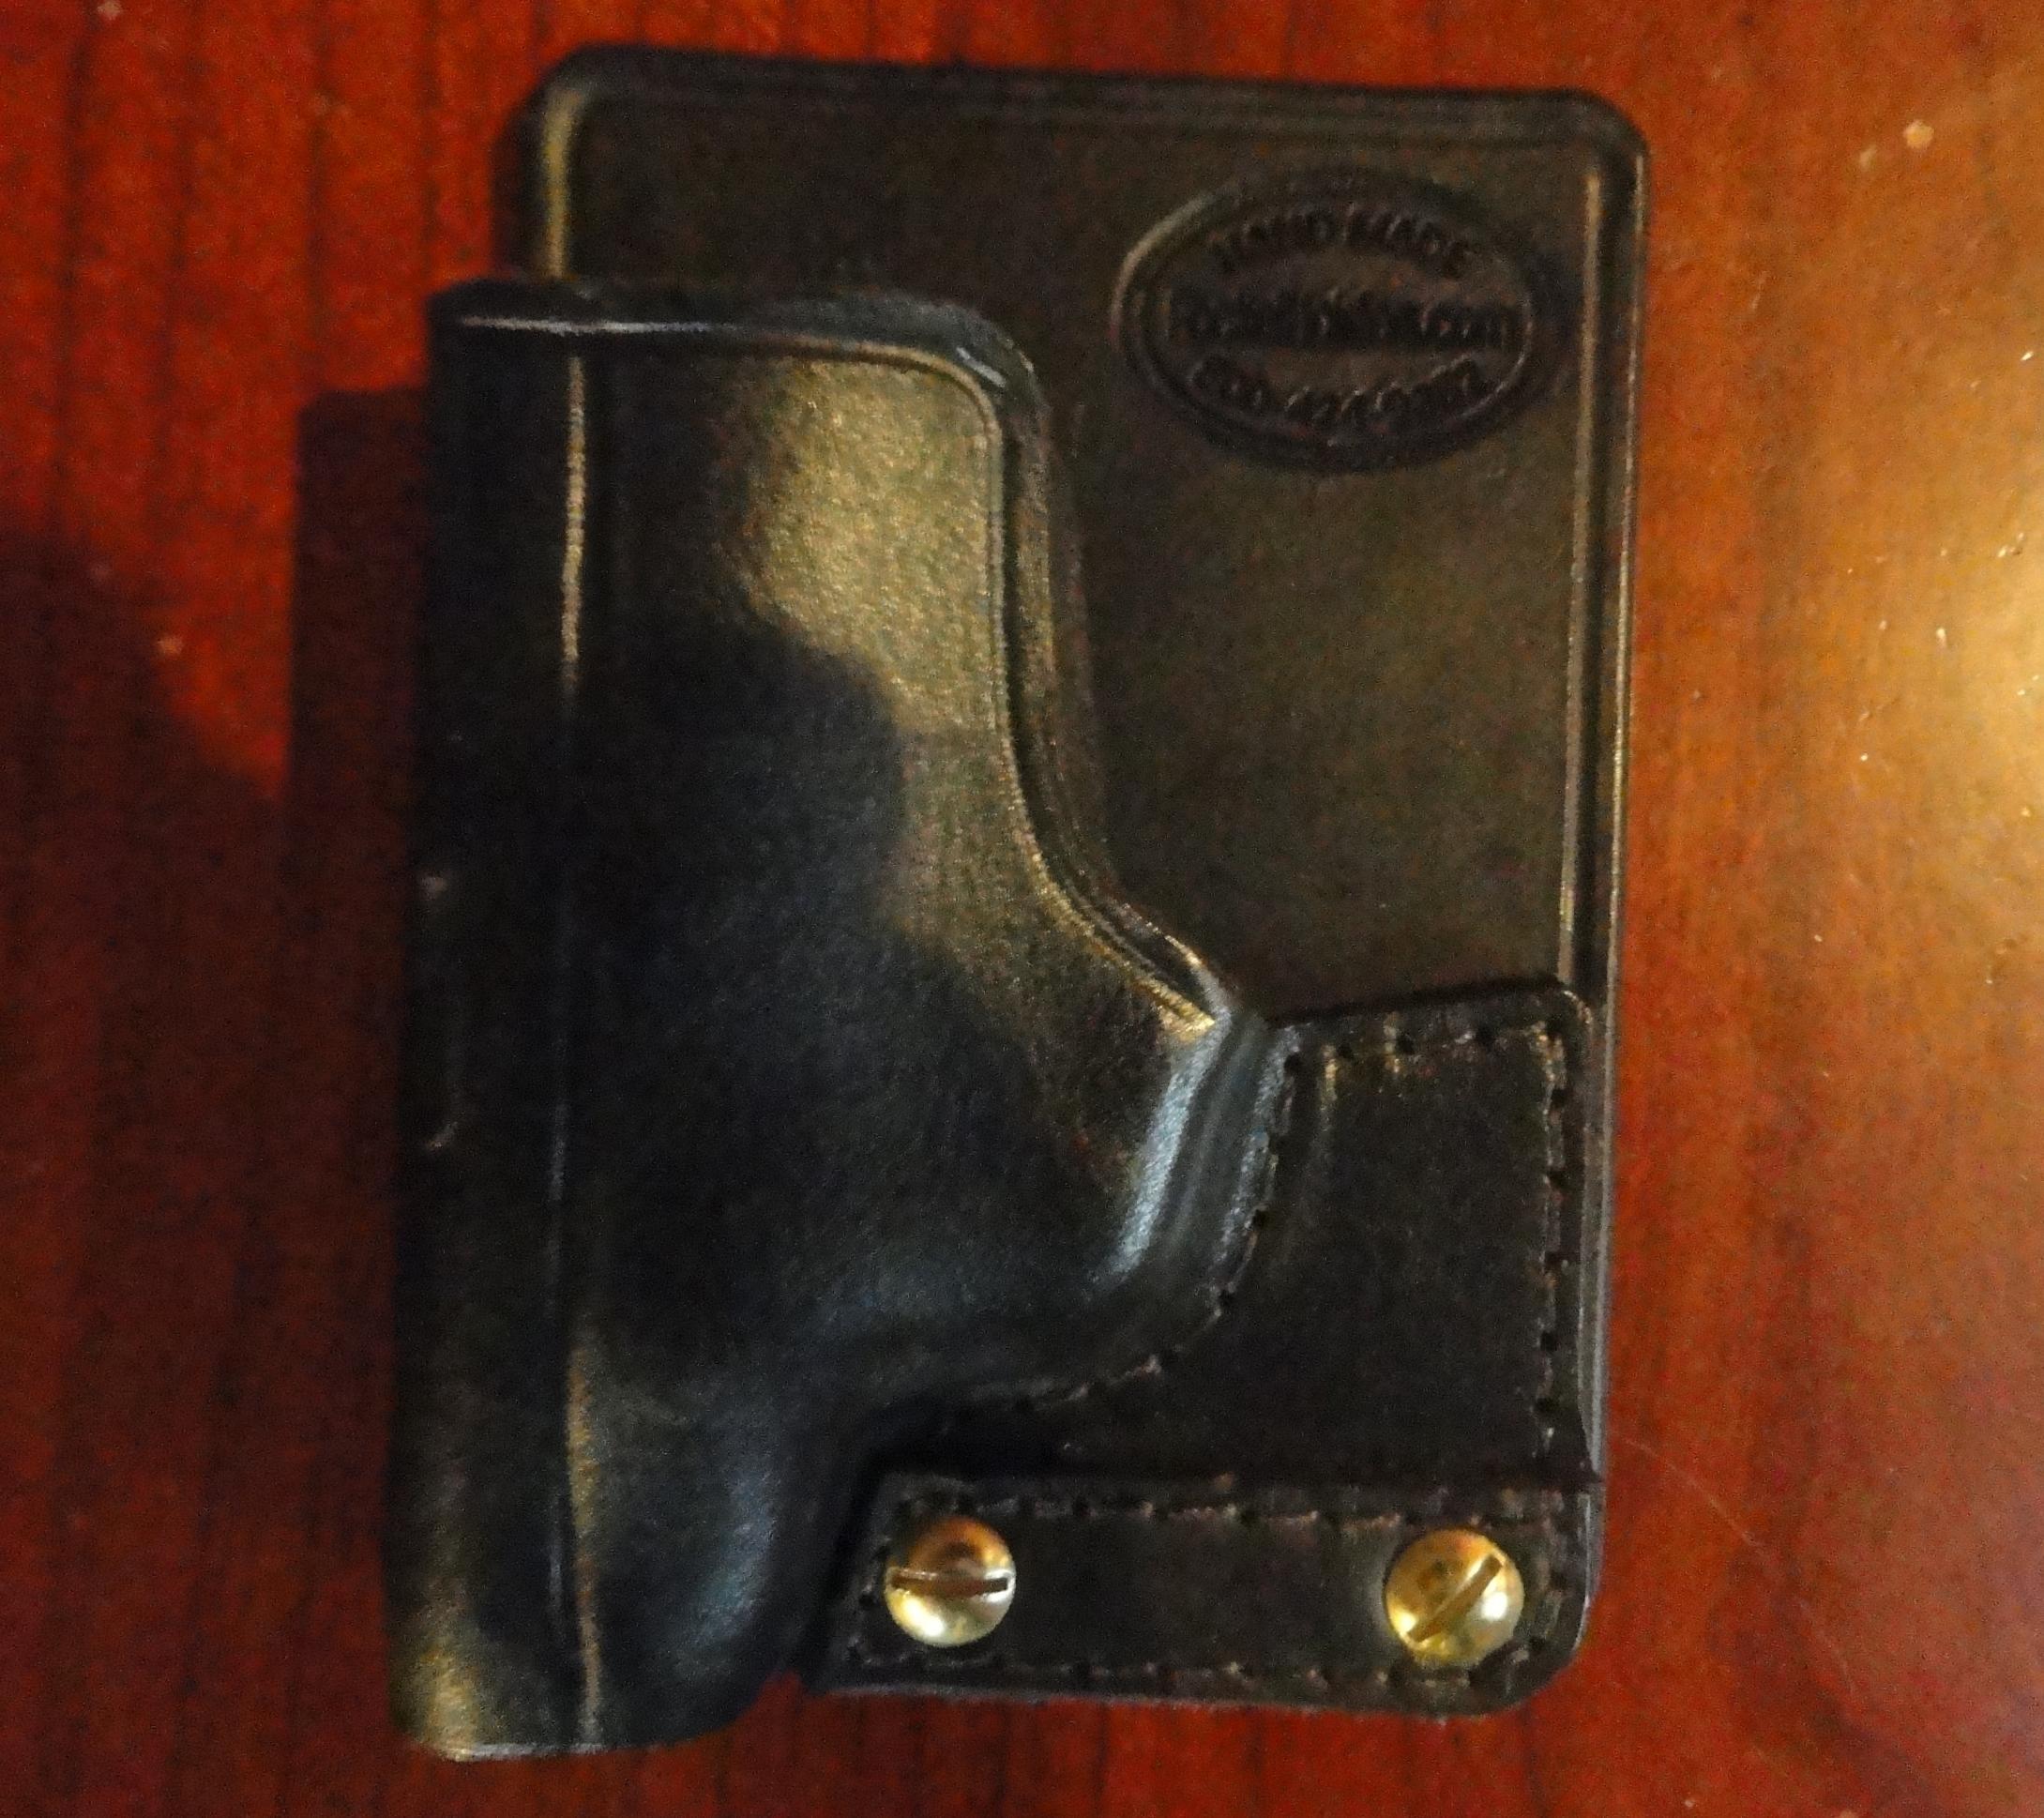 Wtb 380 back pocket holster-dsc01797.jpg